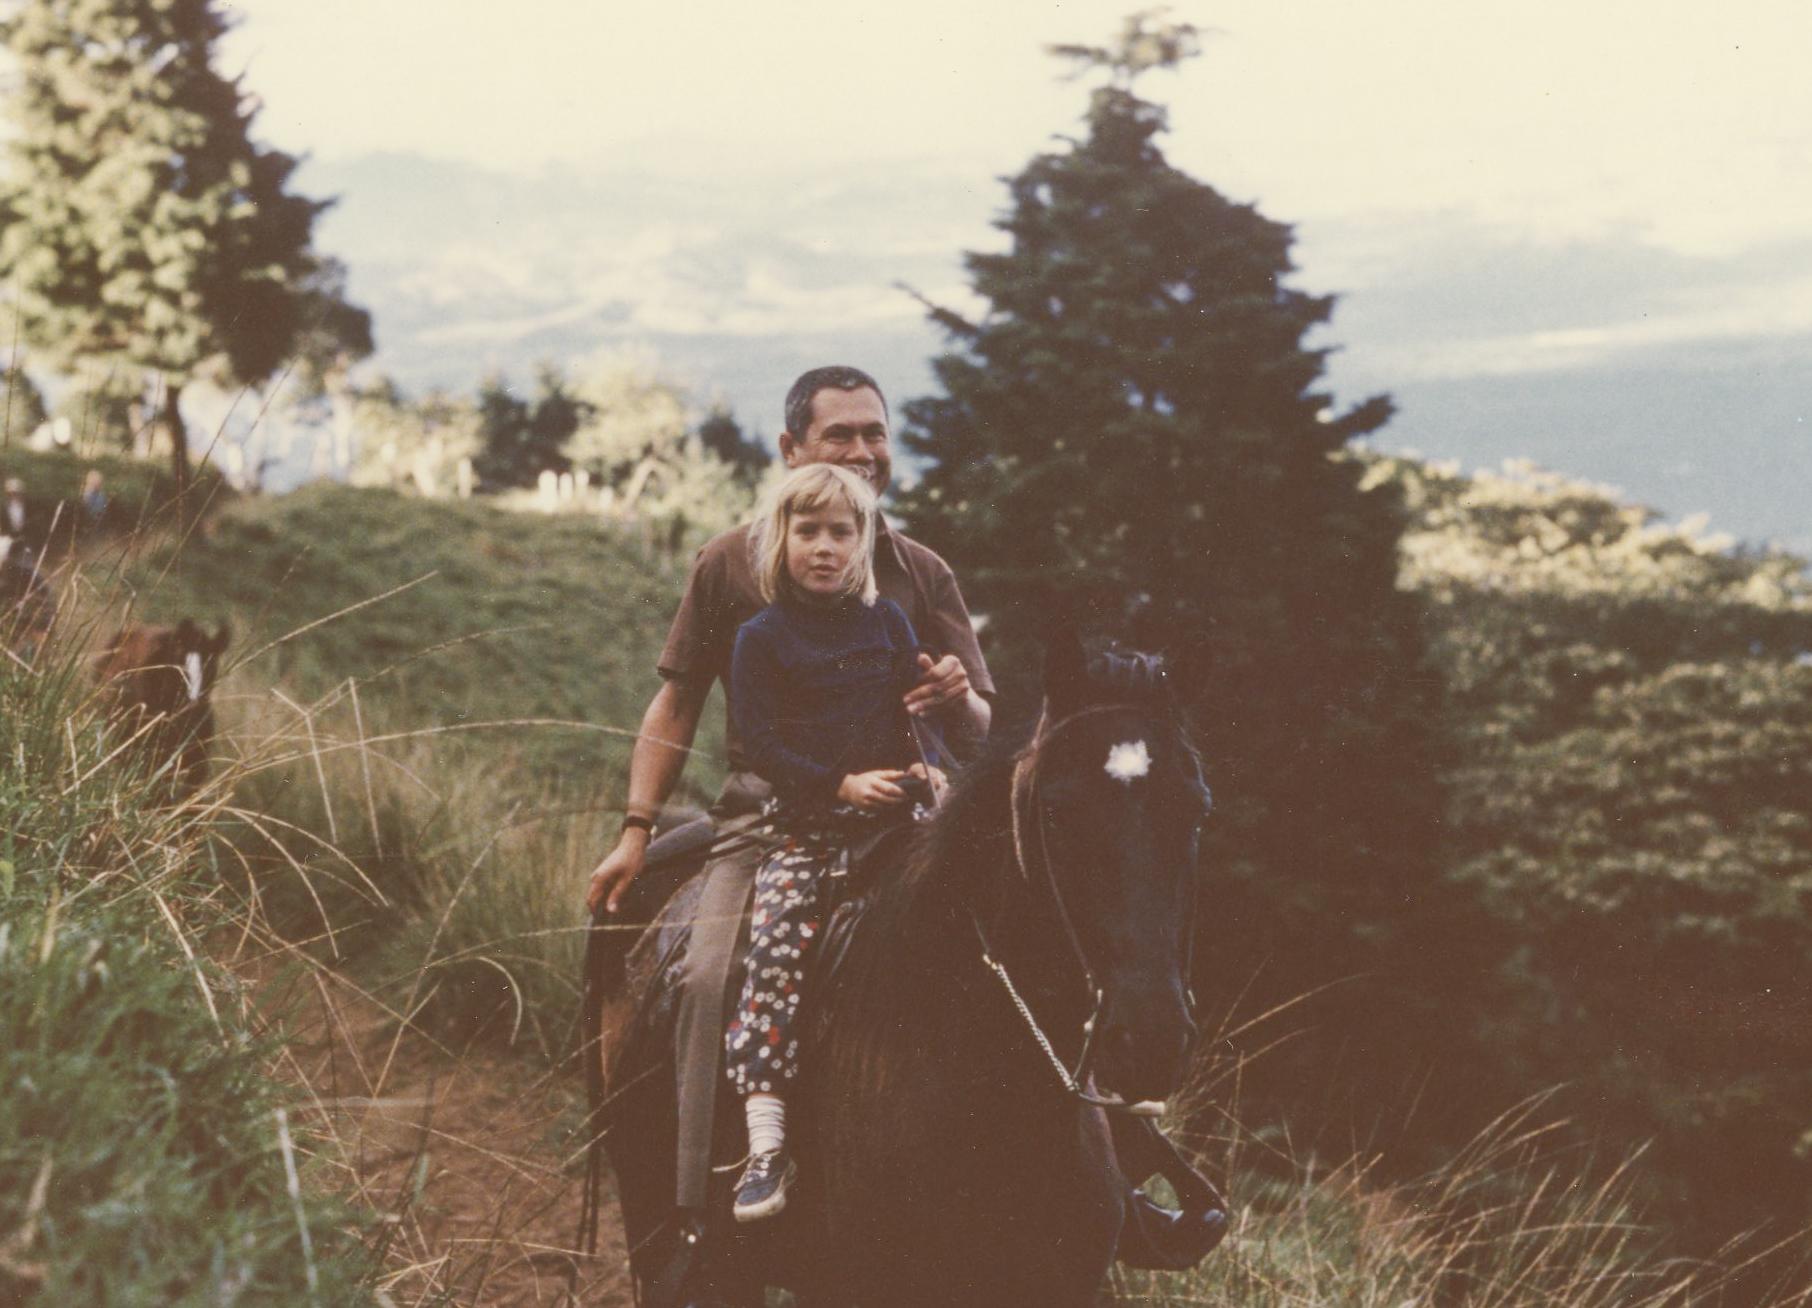 Me on a horse in El Salvador.jpg